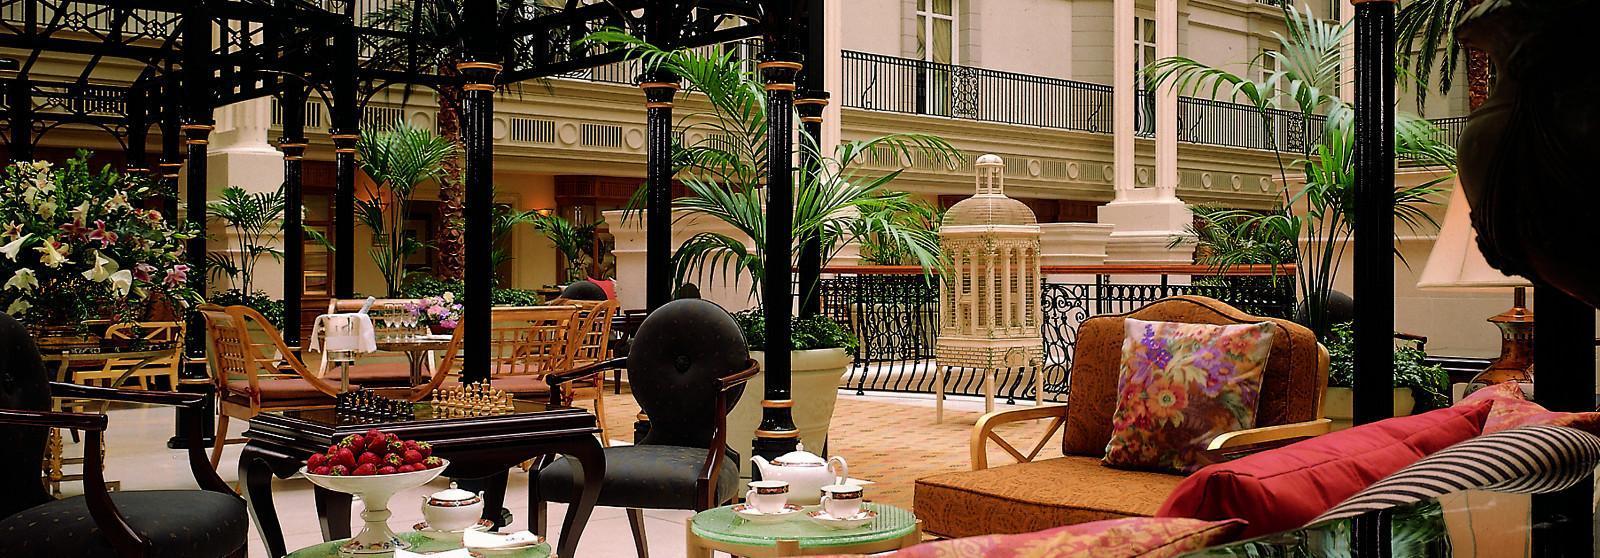 伦敦首屈一指英伦朗茂酒店 酒店  www.lhw.cn